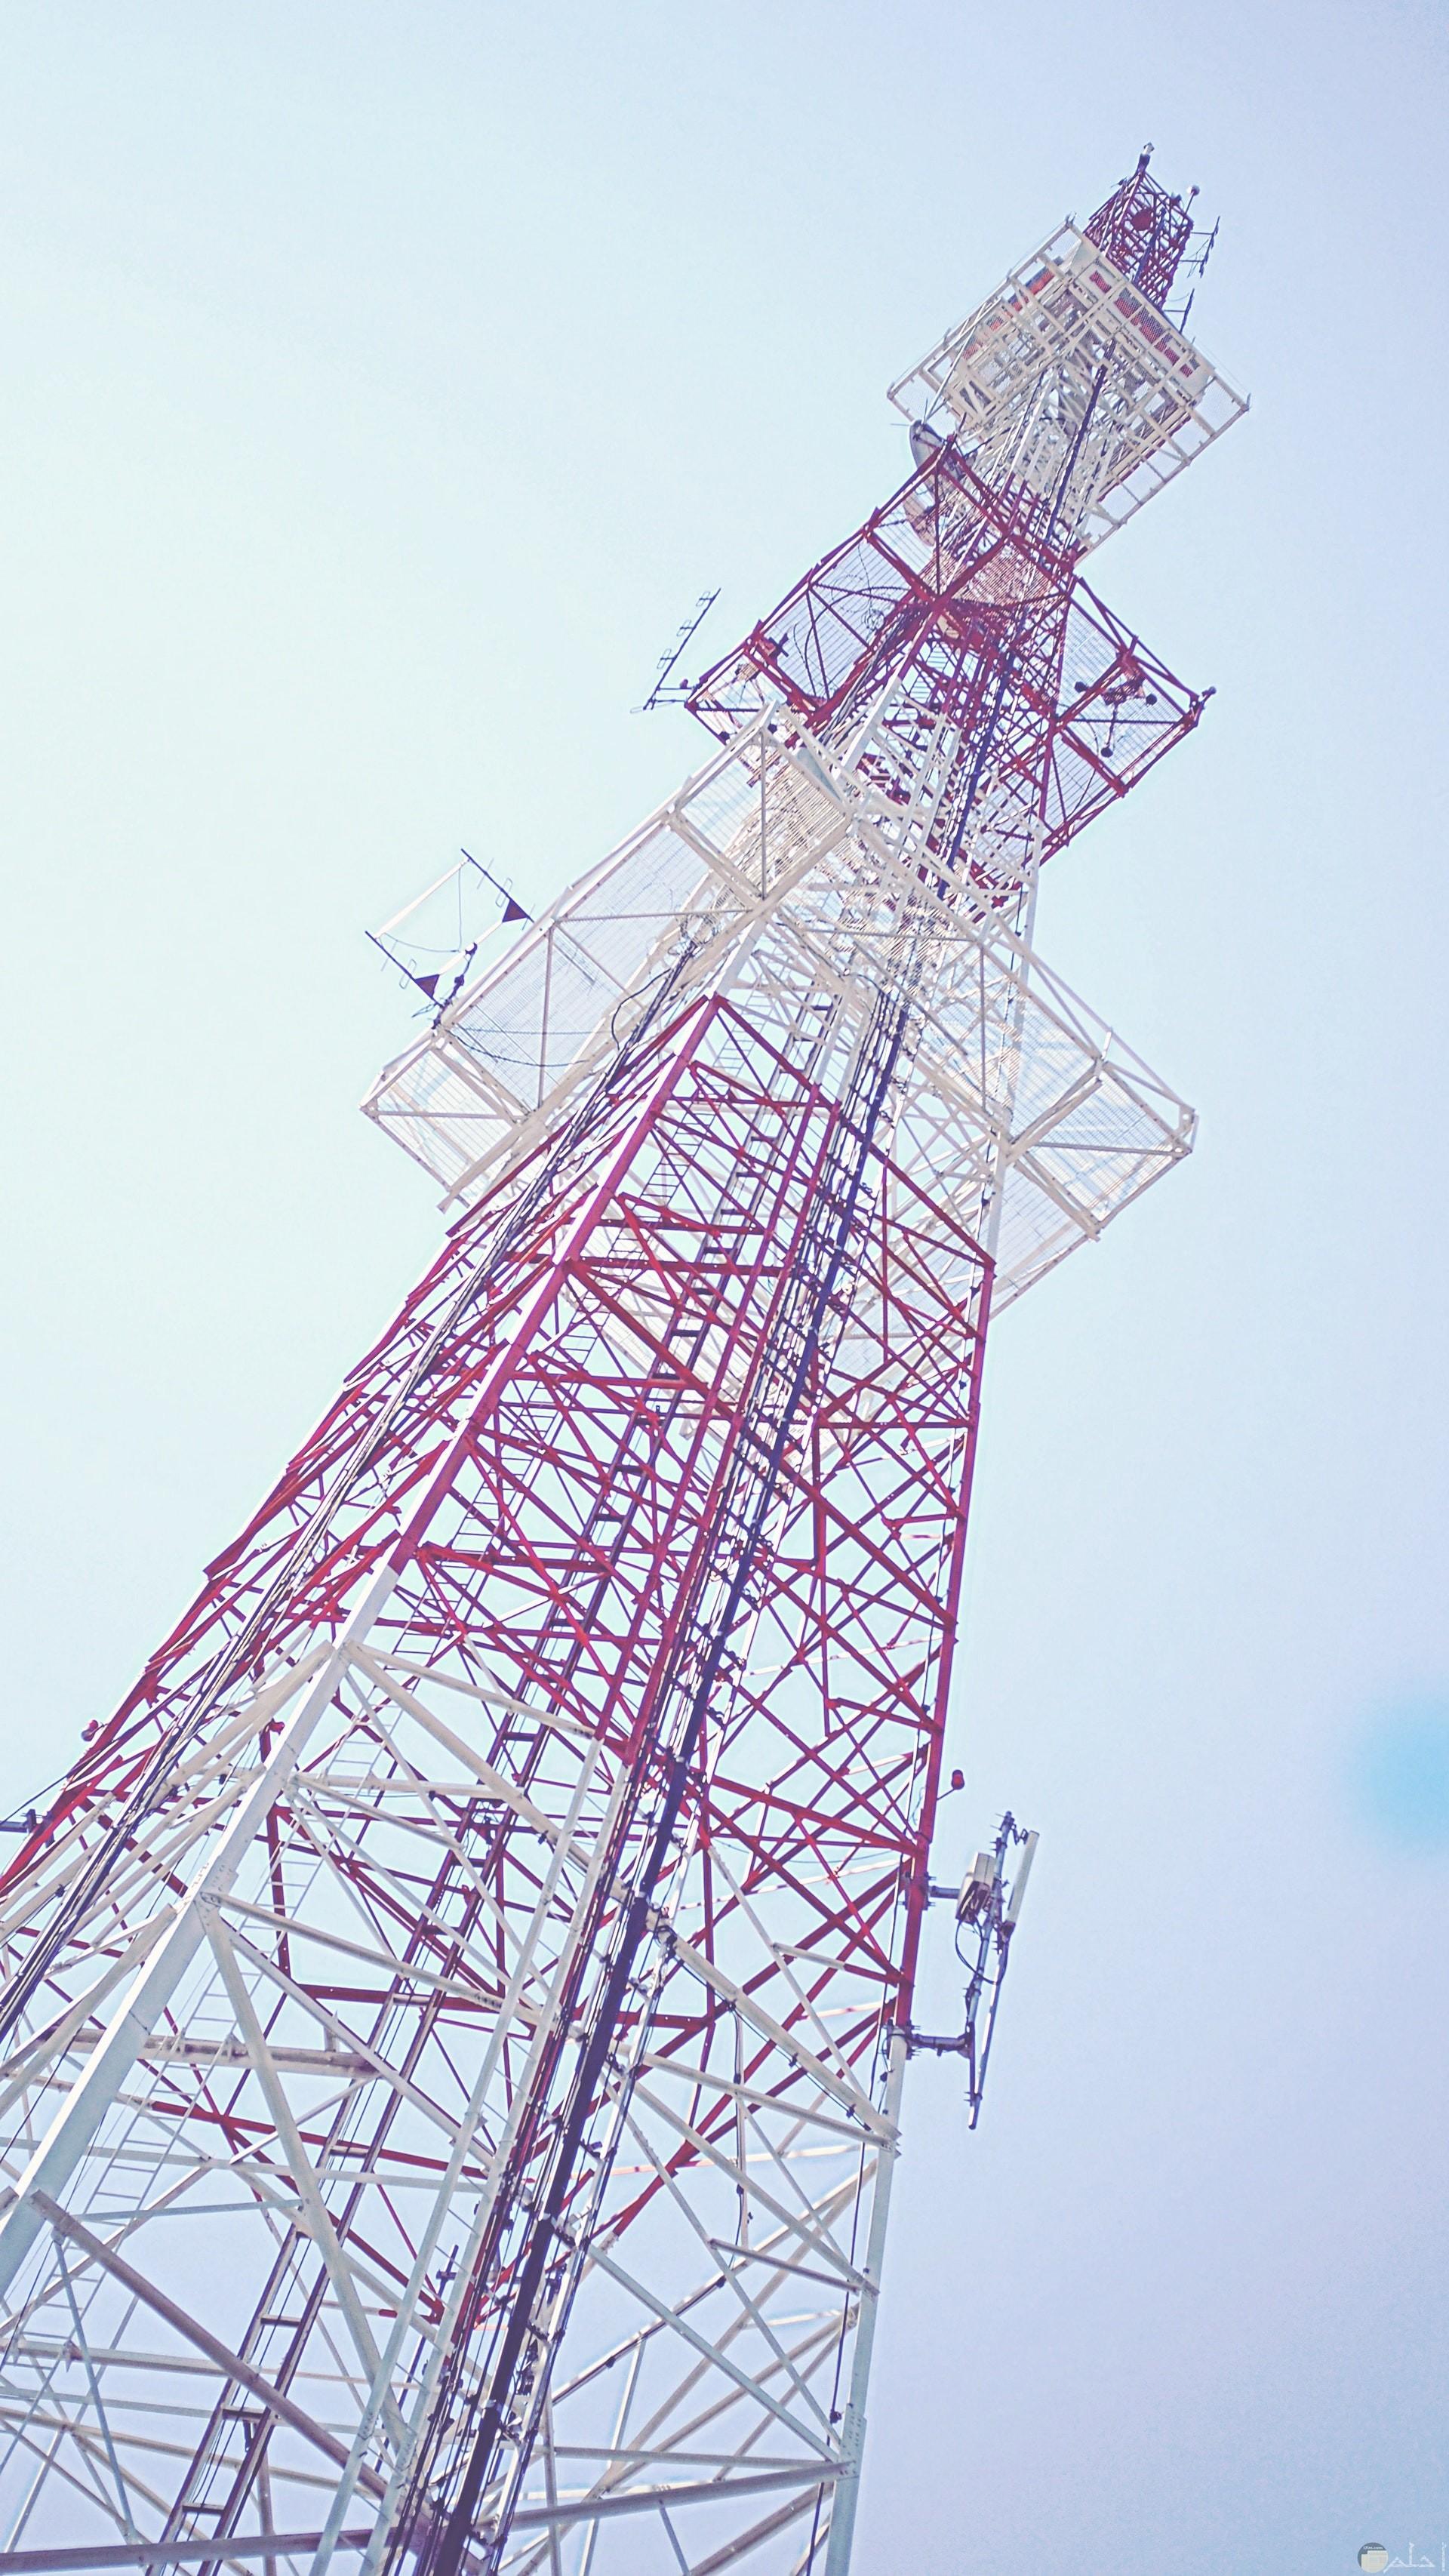 صورة جميلة لبرج عالي جدا وقت النهار